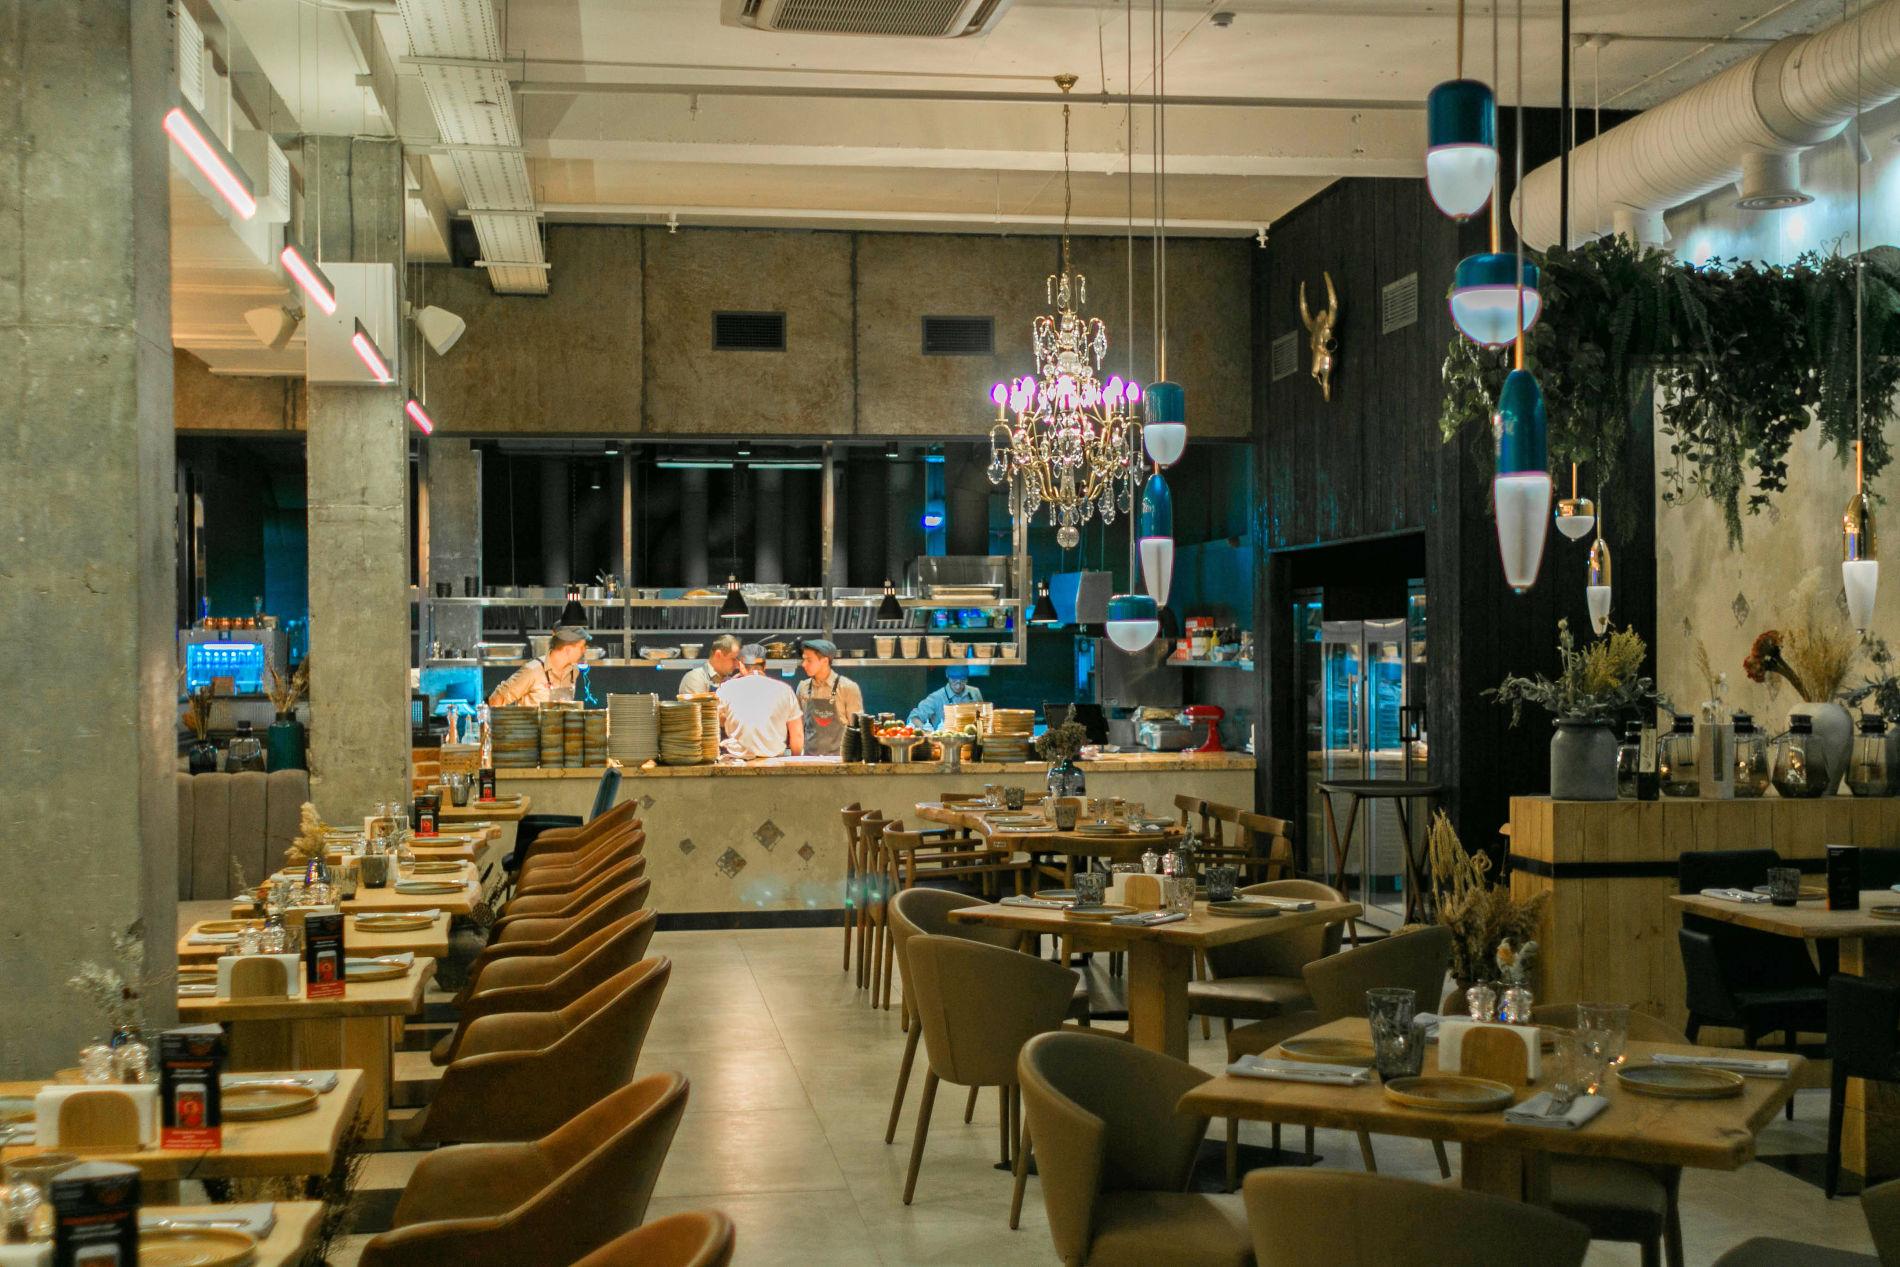 Вид на открытую кухню из зала ресторана ©Фото ресторана «Голый повар»